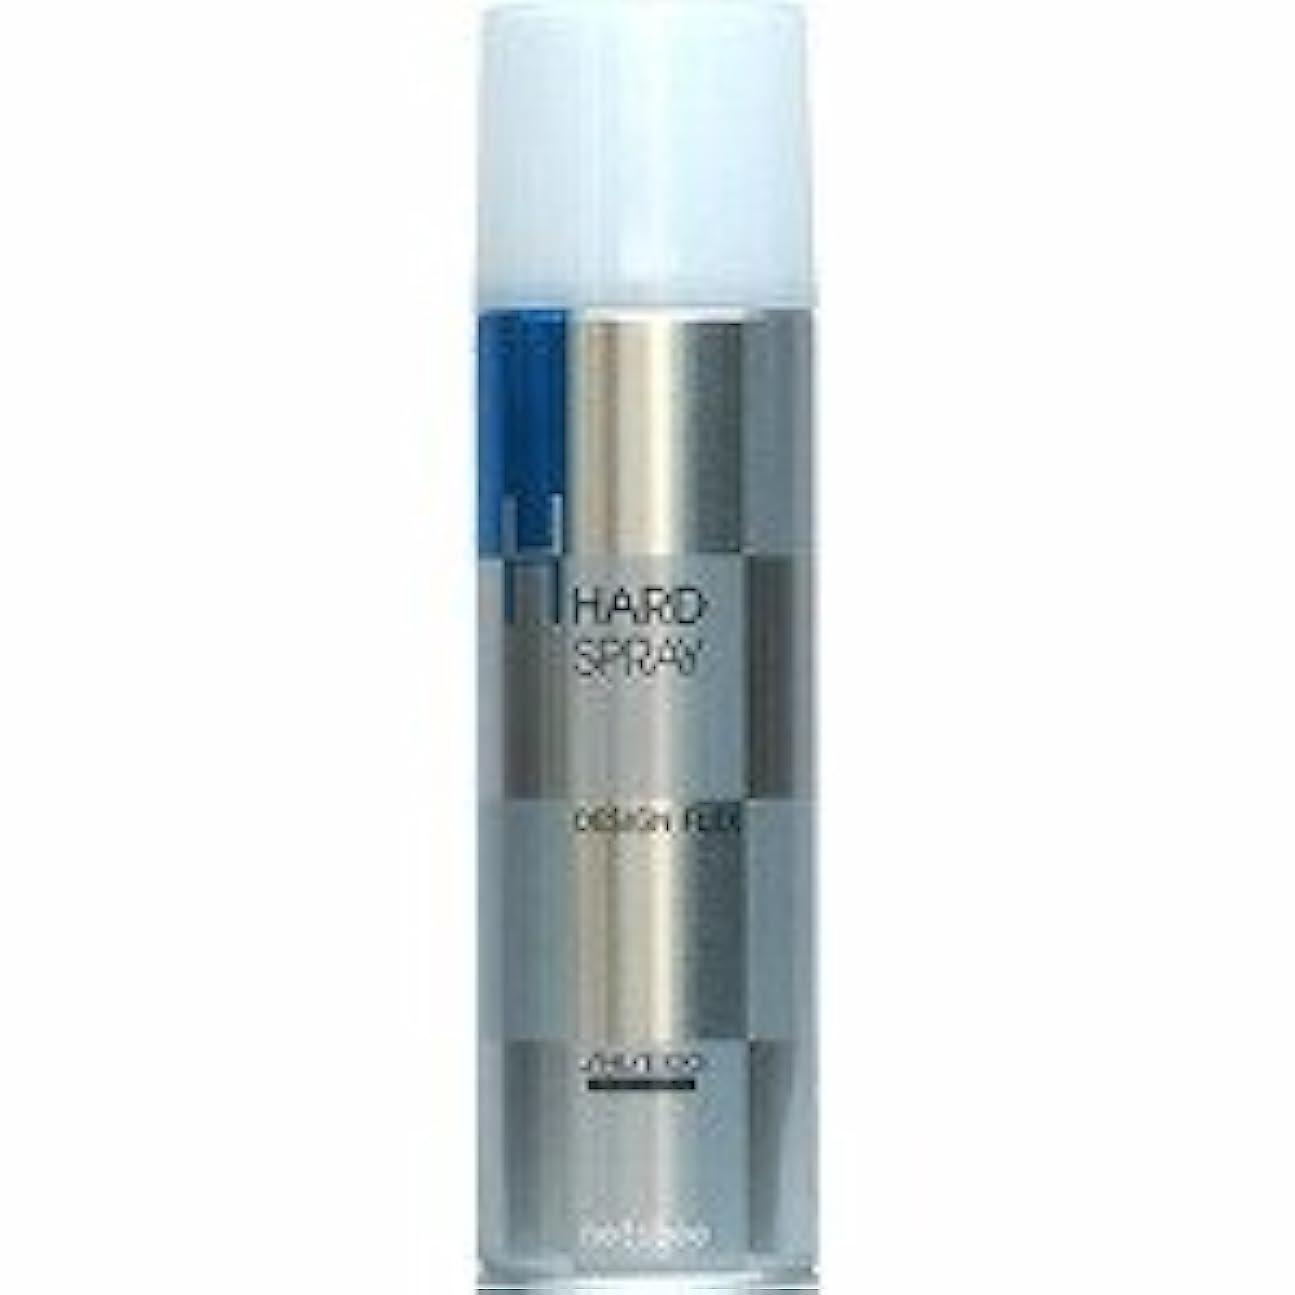 きつく障害それから【X3個セット】 資生堂プロフェッショナル デザインフレックス ハードスプレー 260g shiseido PROFESSIONAL